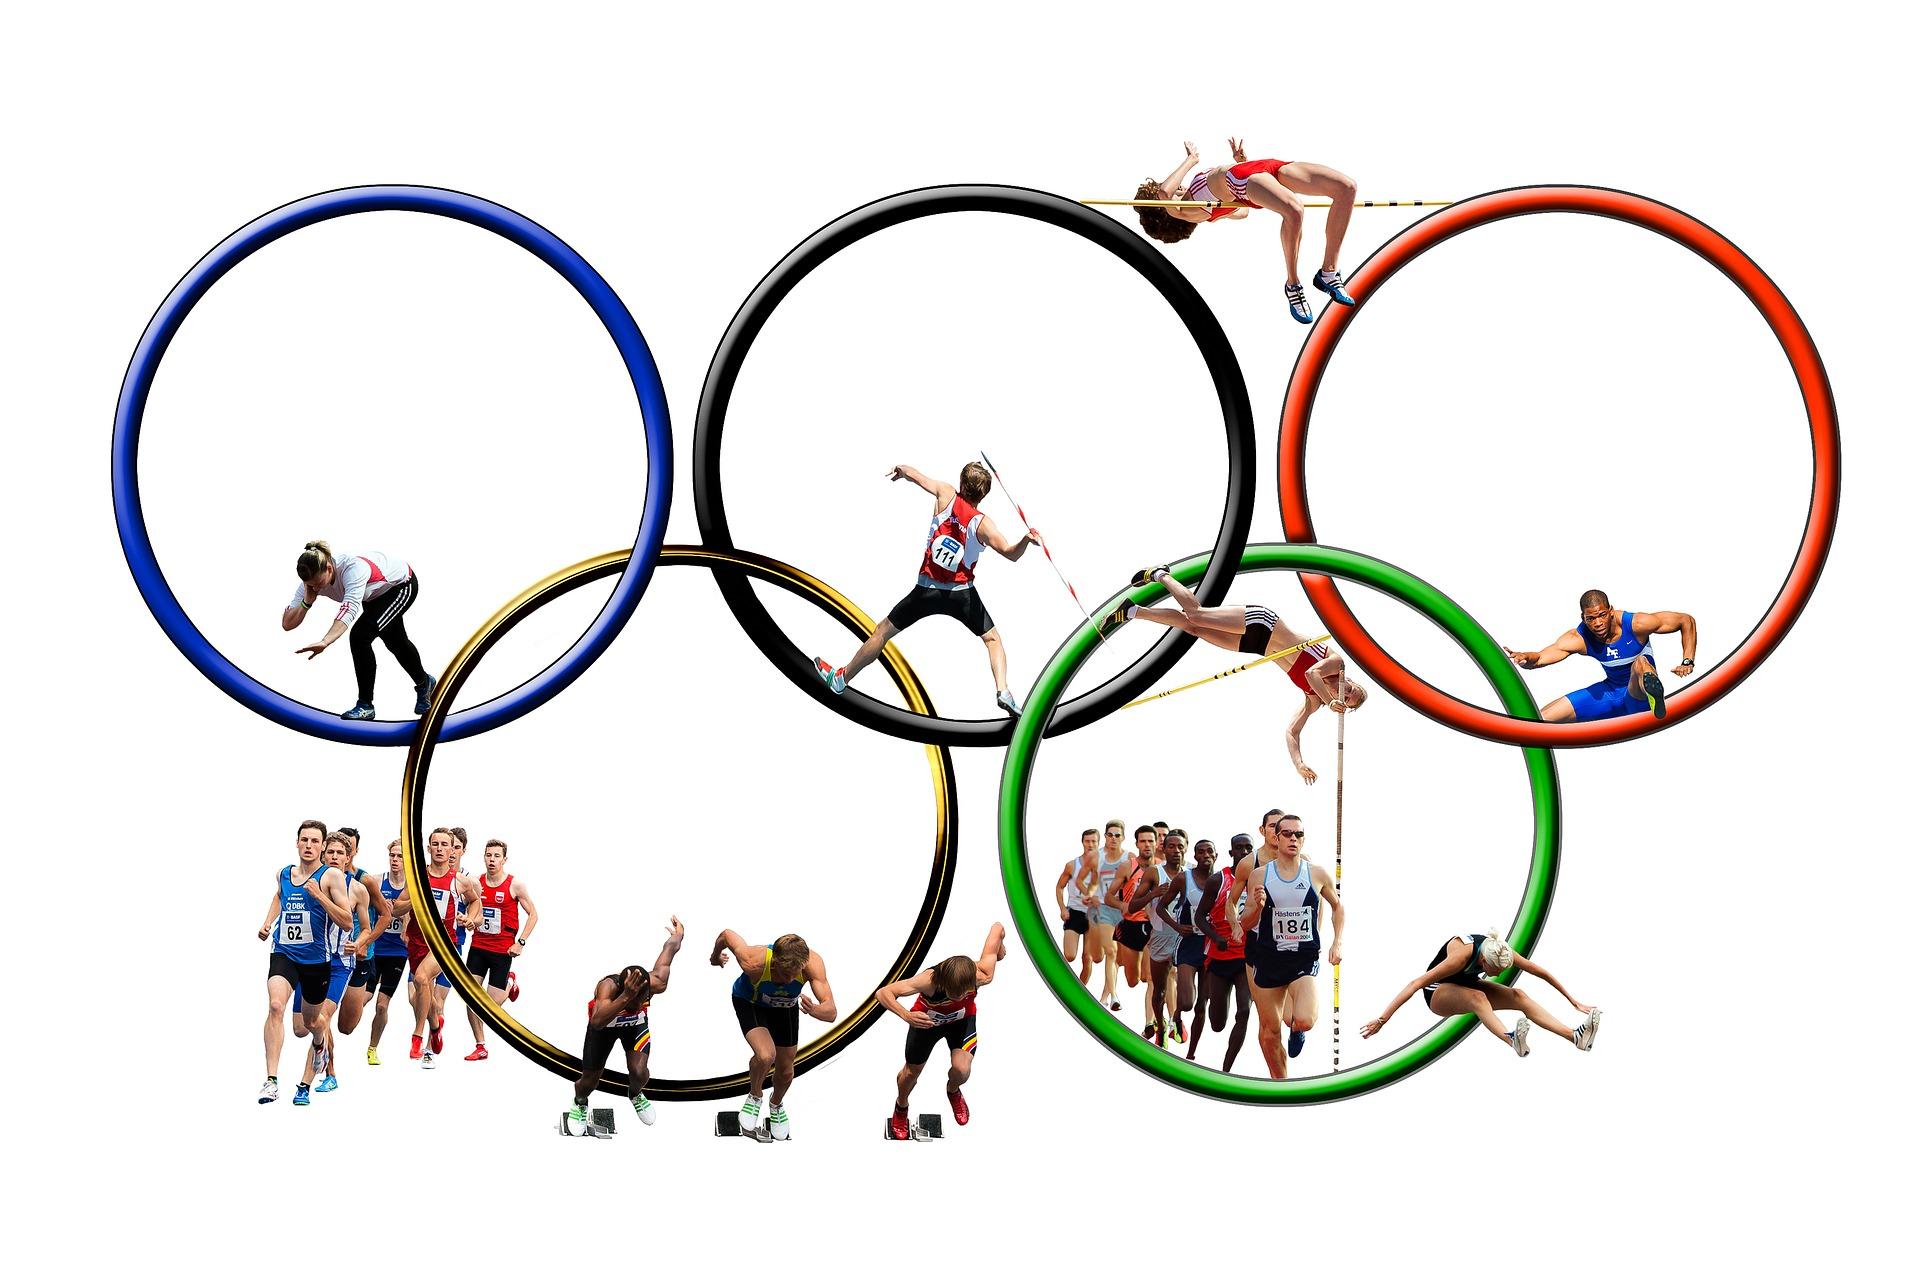 publicidad-juegos-olimpicos La Regla 40, el tabú de la publicidad